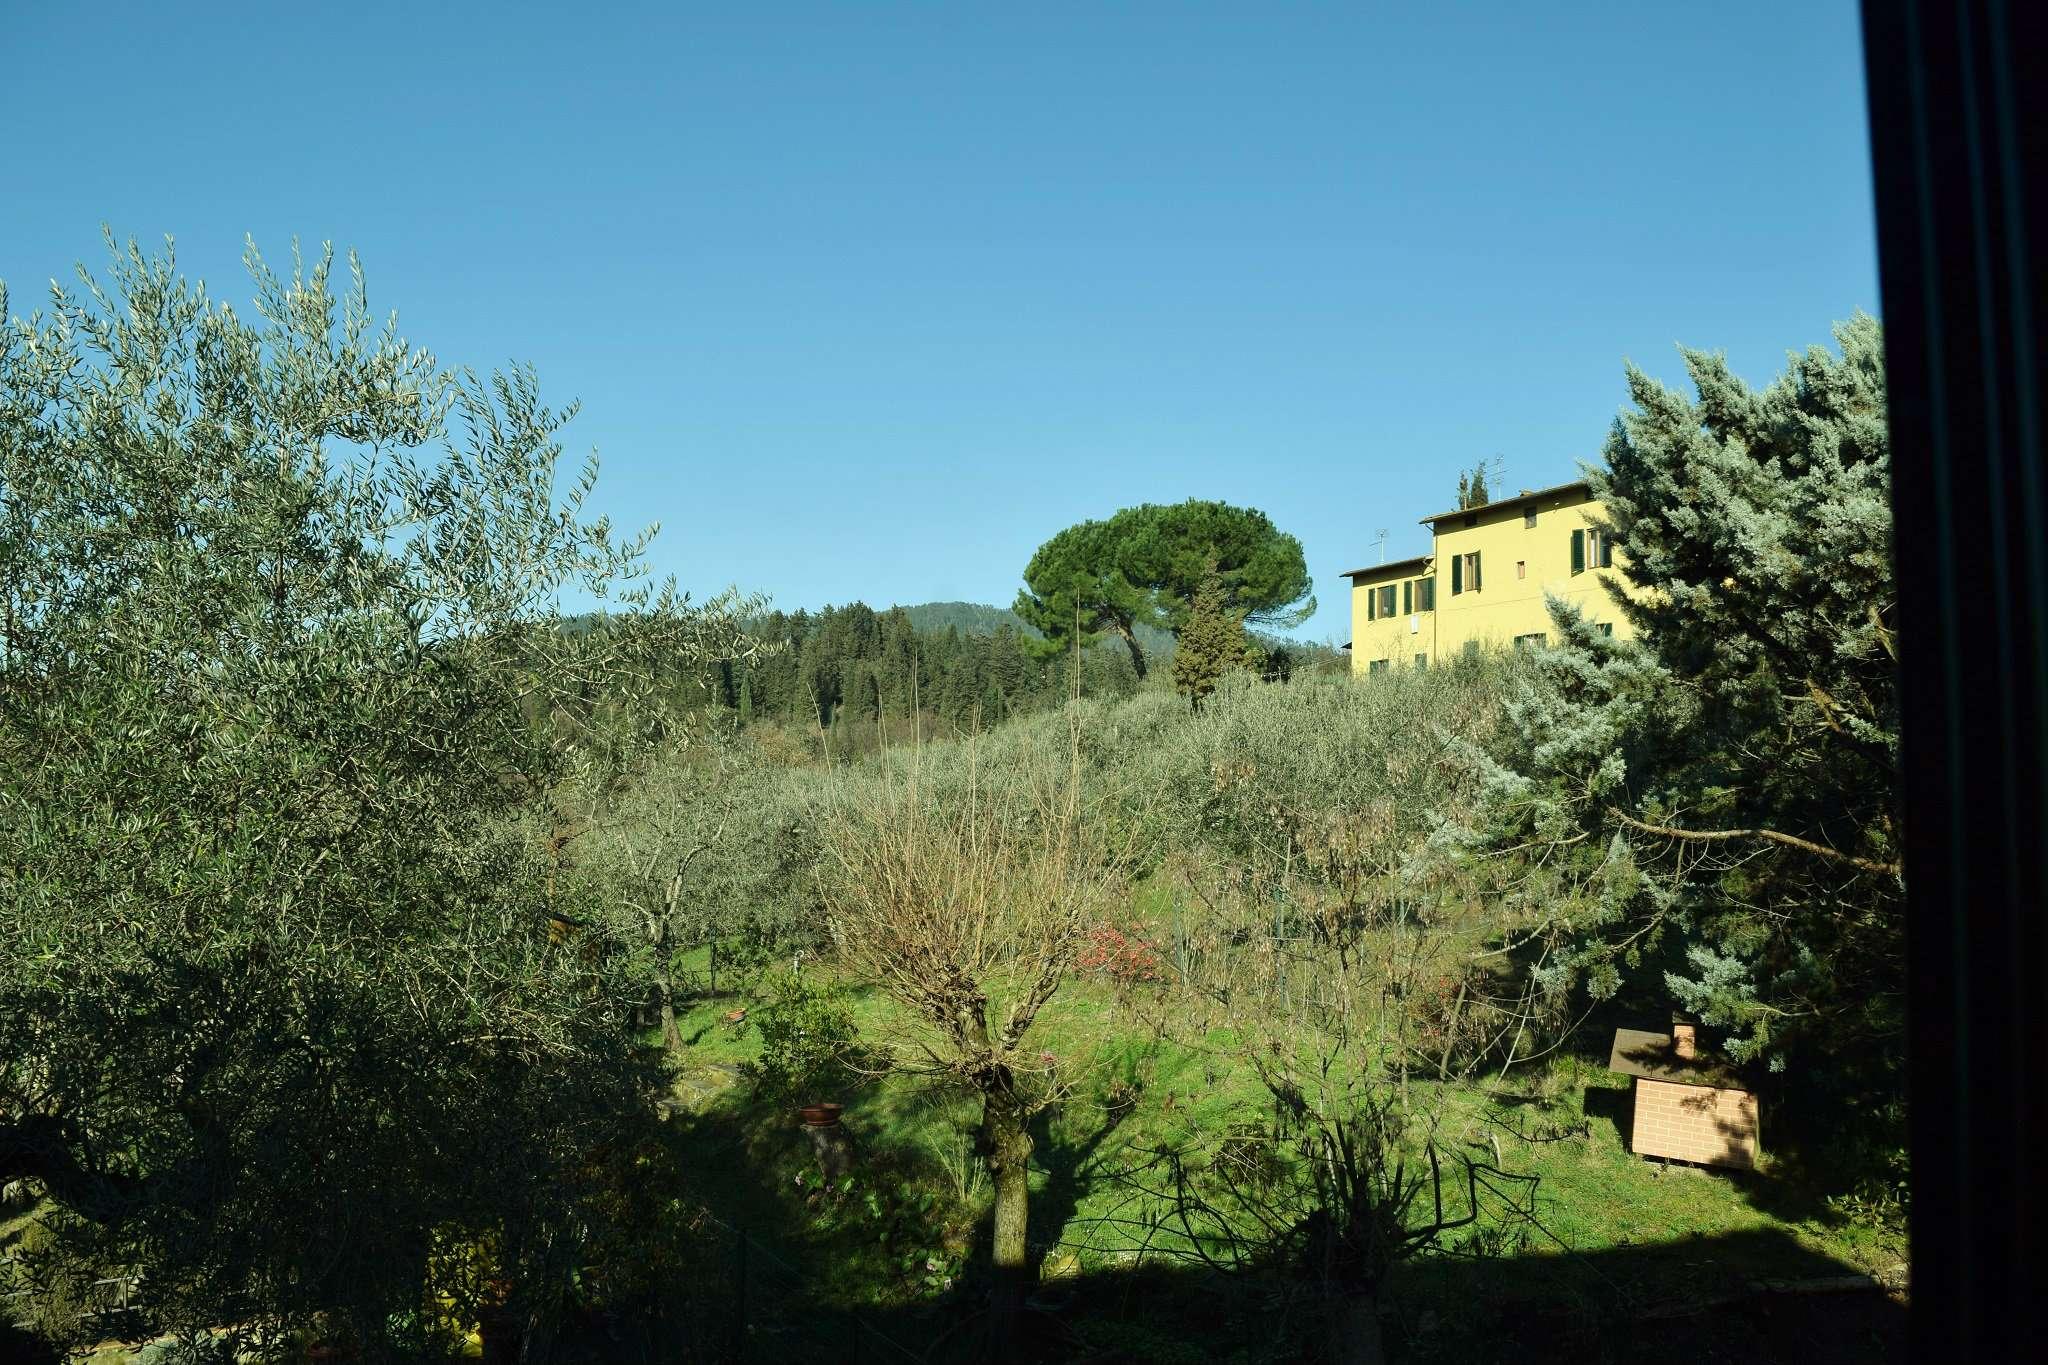 Palazzo / Stabile in vendita a Sesto Fiorentino, 4 locali, prezzo € 195.000 | Cambio Casa.it